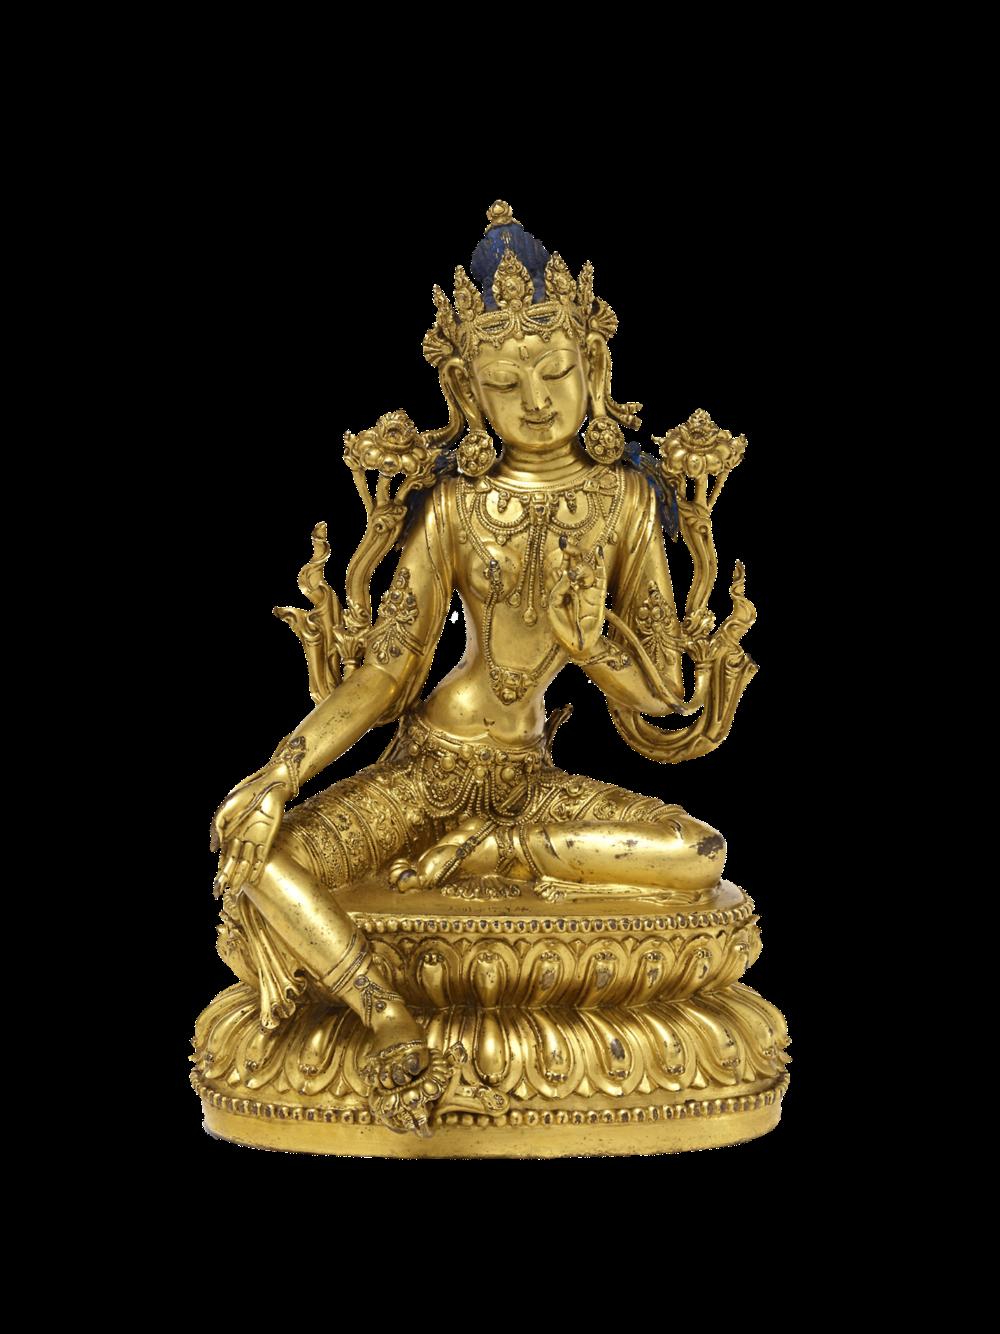 Shyamatara, die Grüne Tara